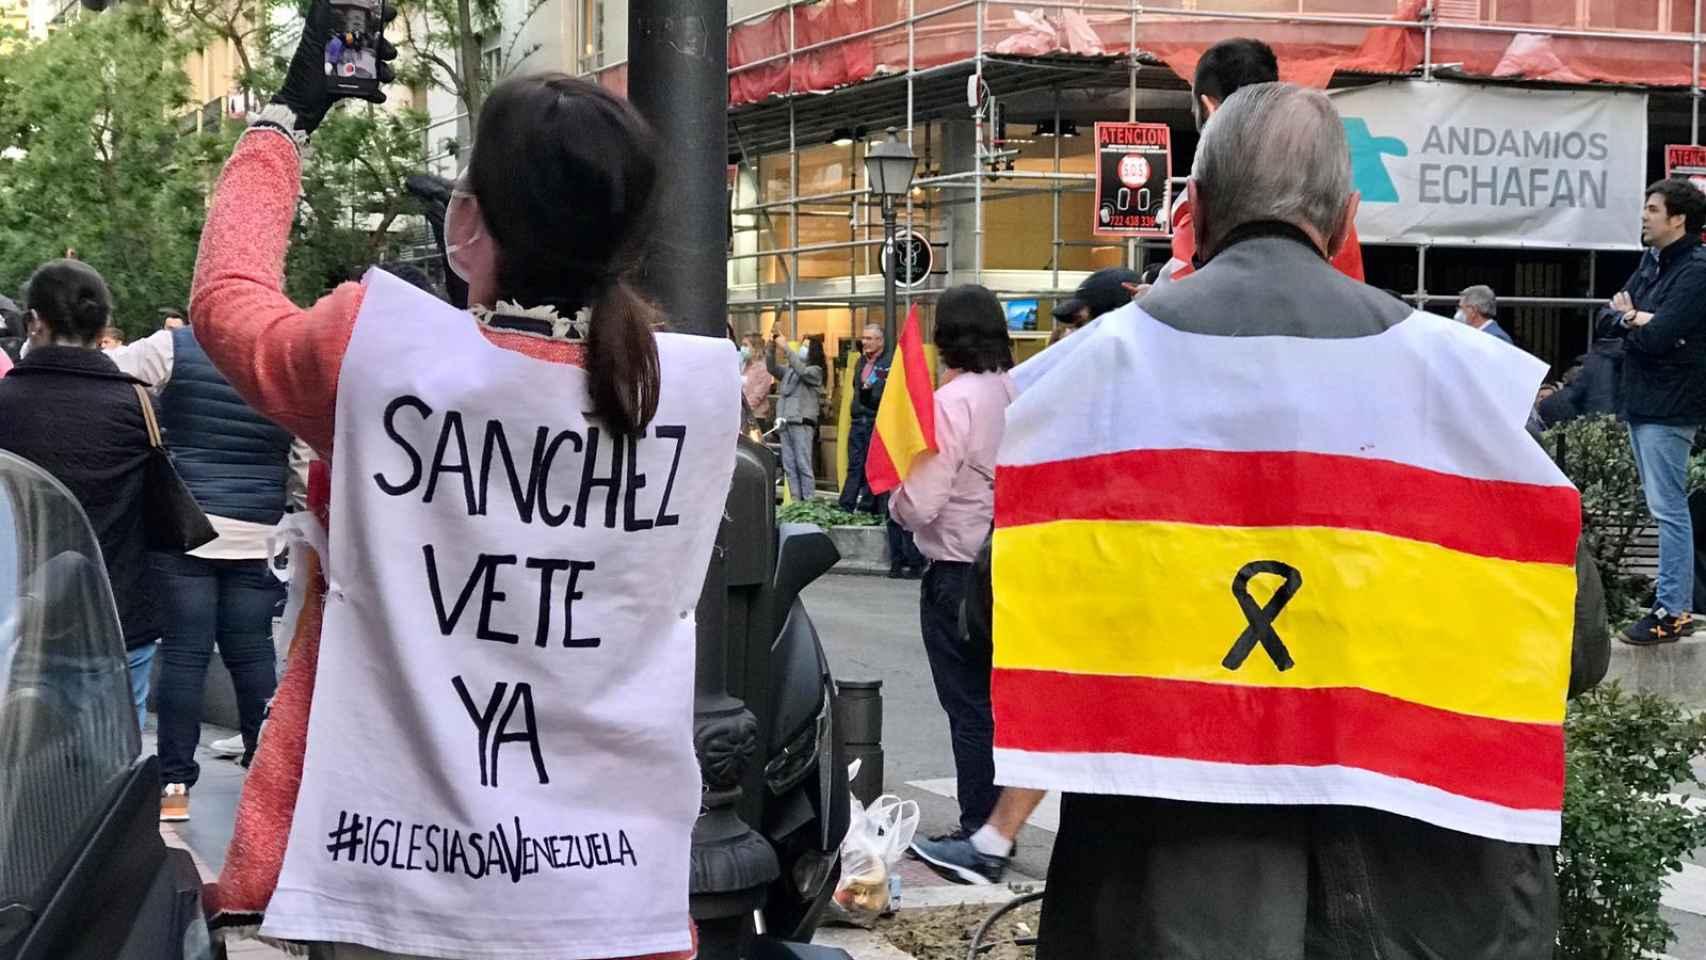 Nueva cacerolada contra Pedro Sánchez en el barrio de Salamanca de Madrid.